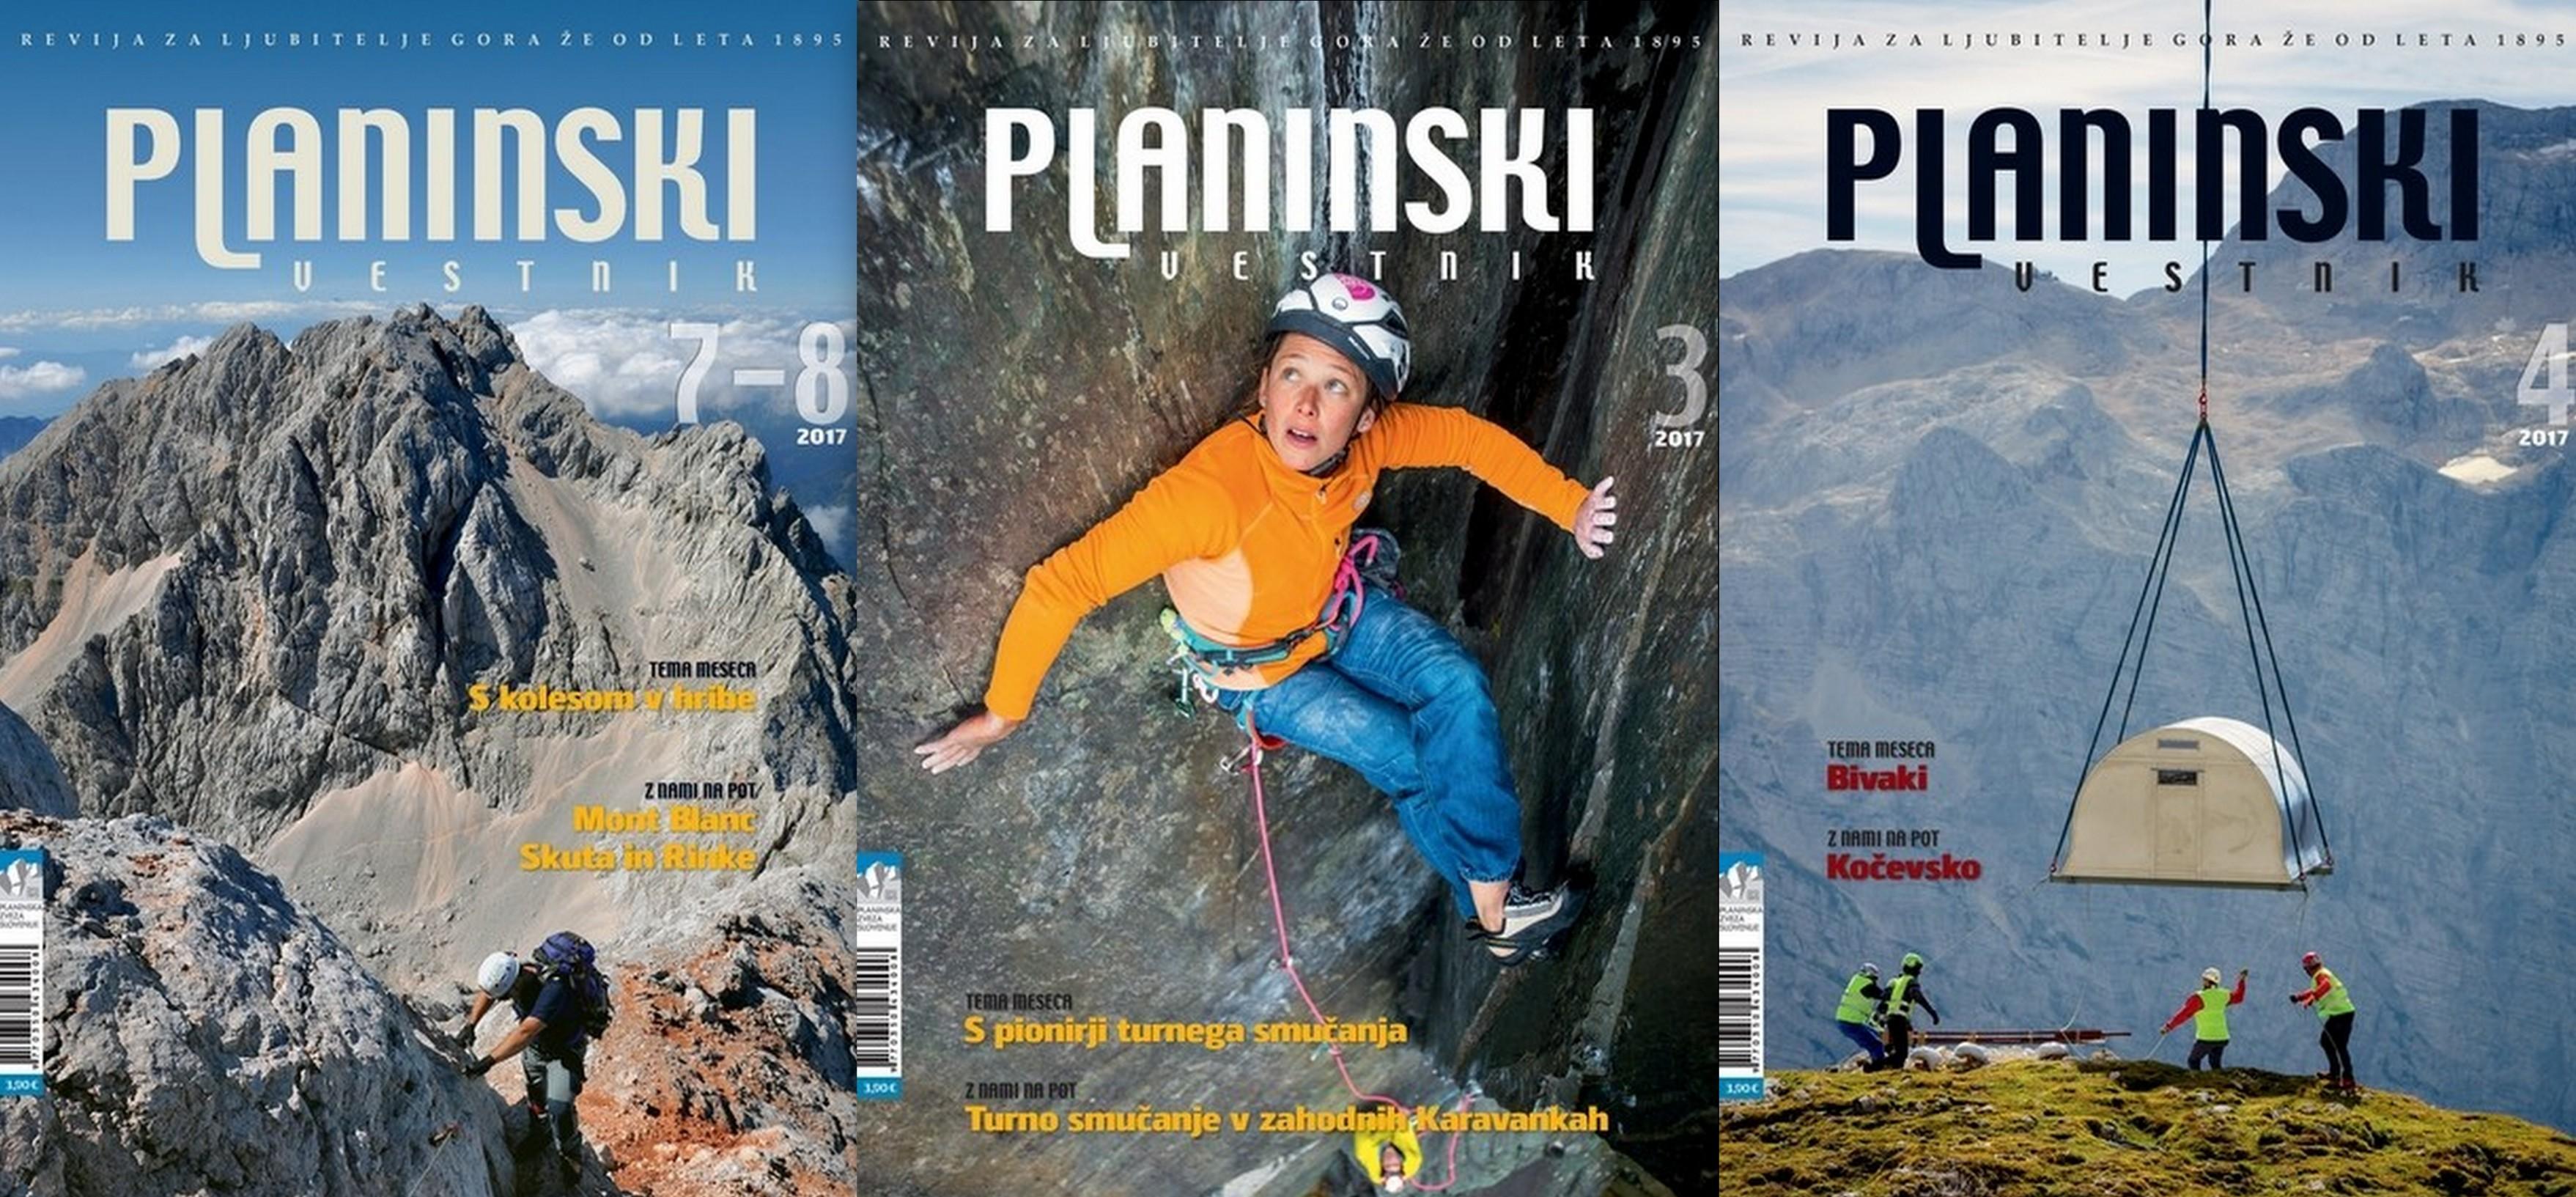 planinski_vestnik_2017